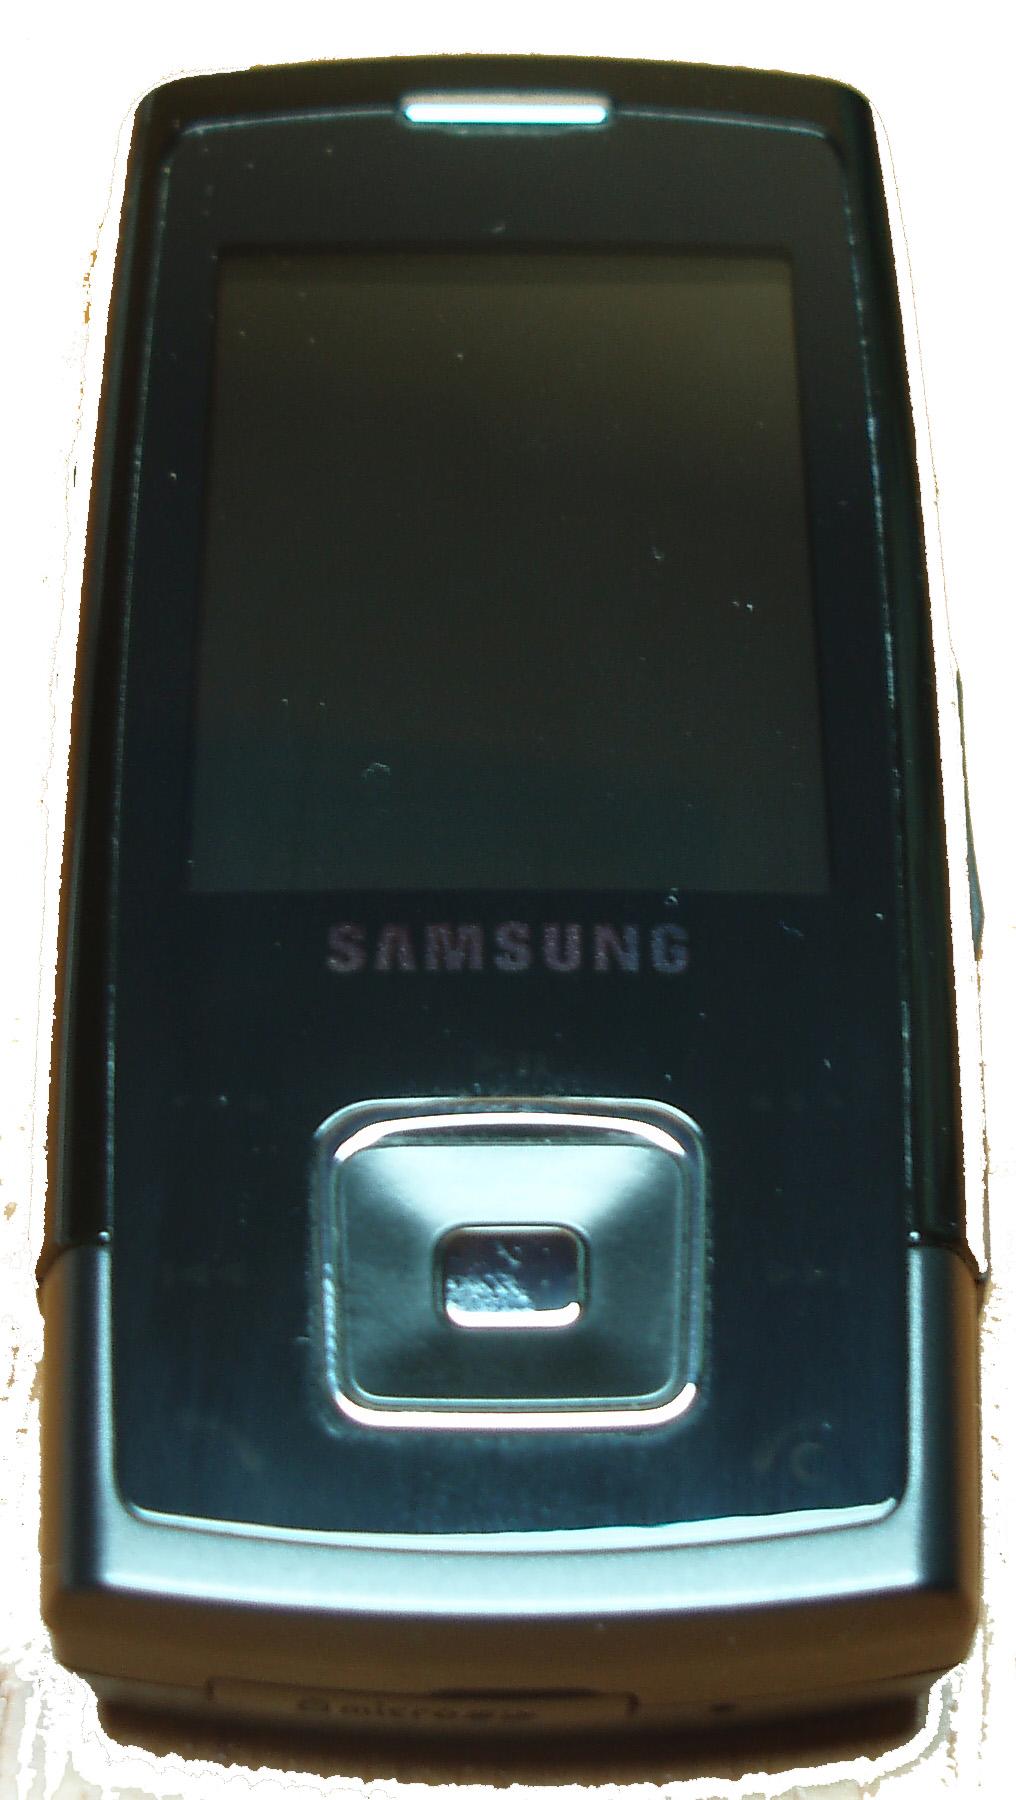 for samsung e900